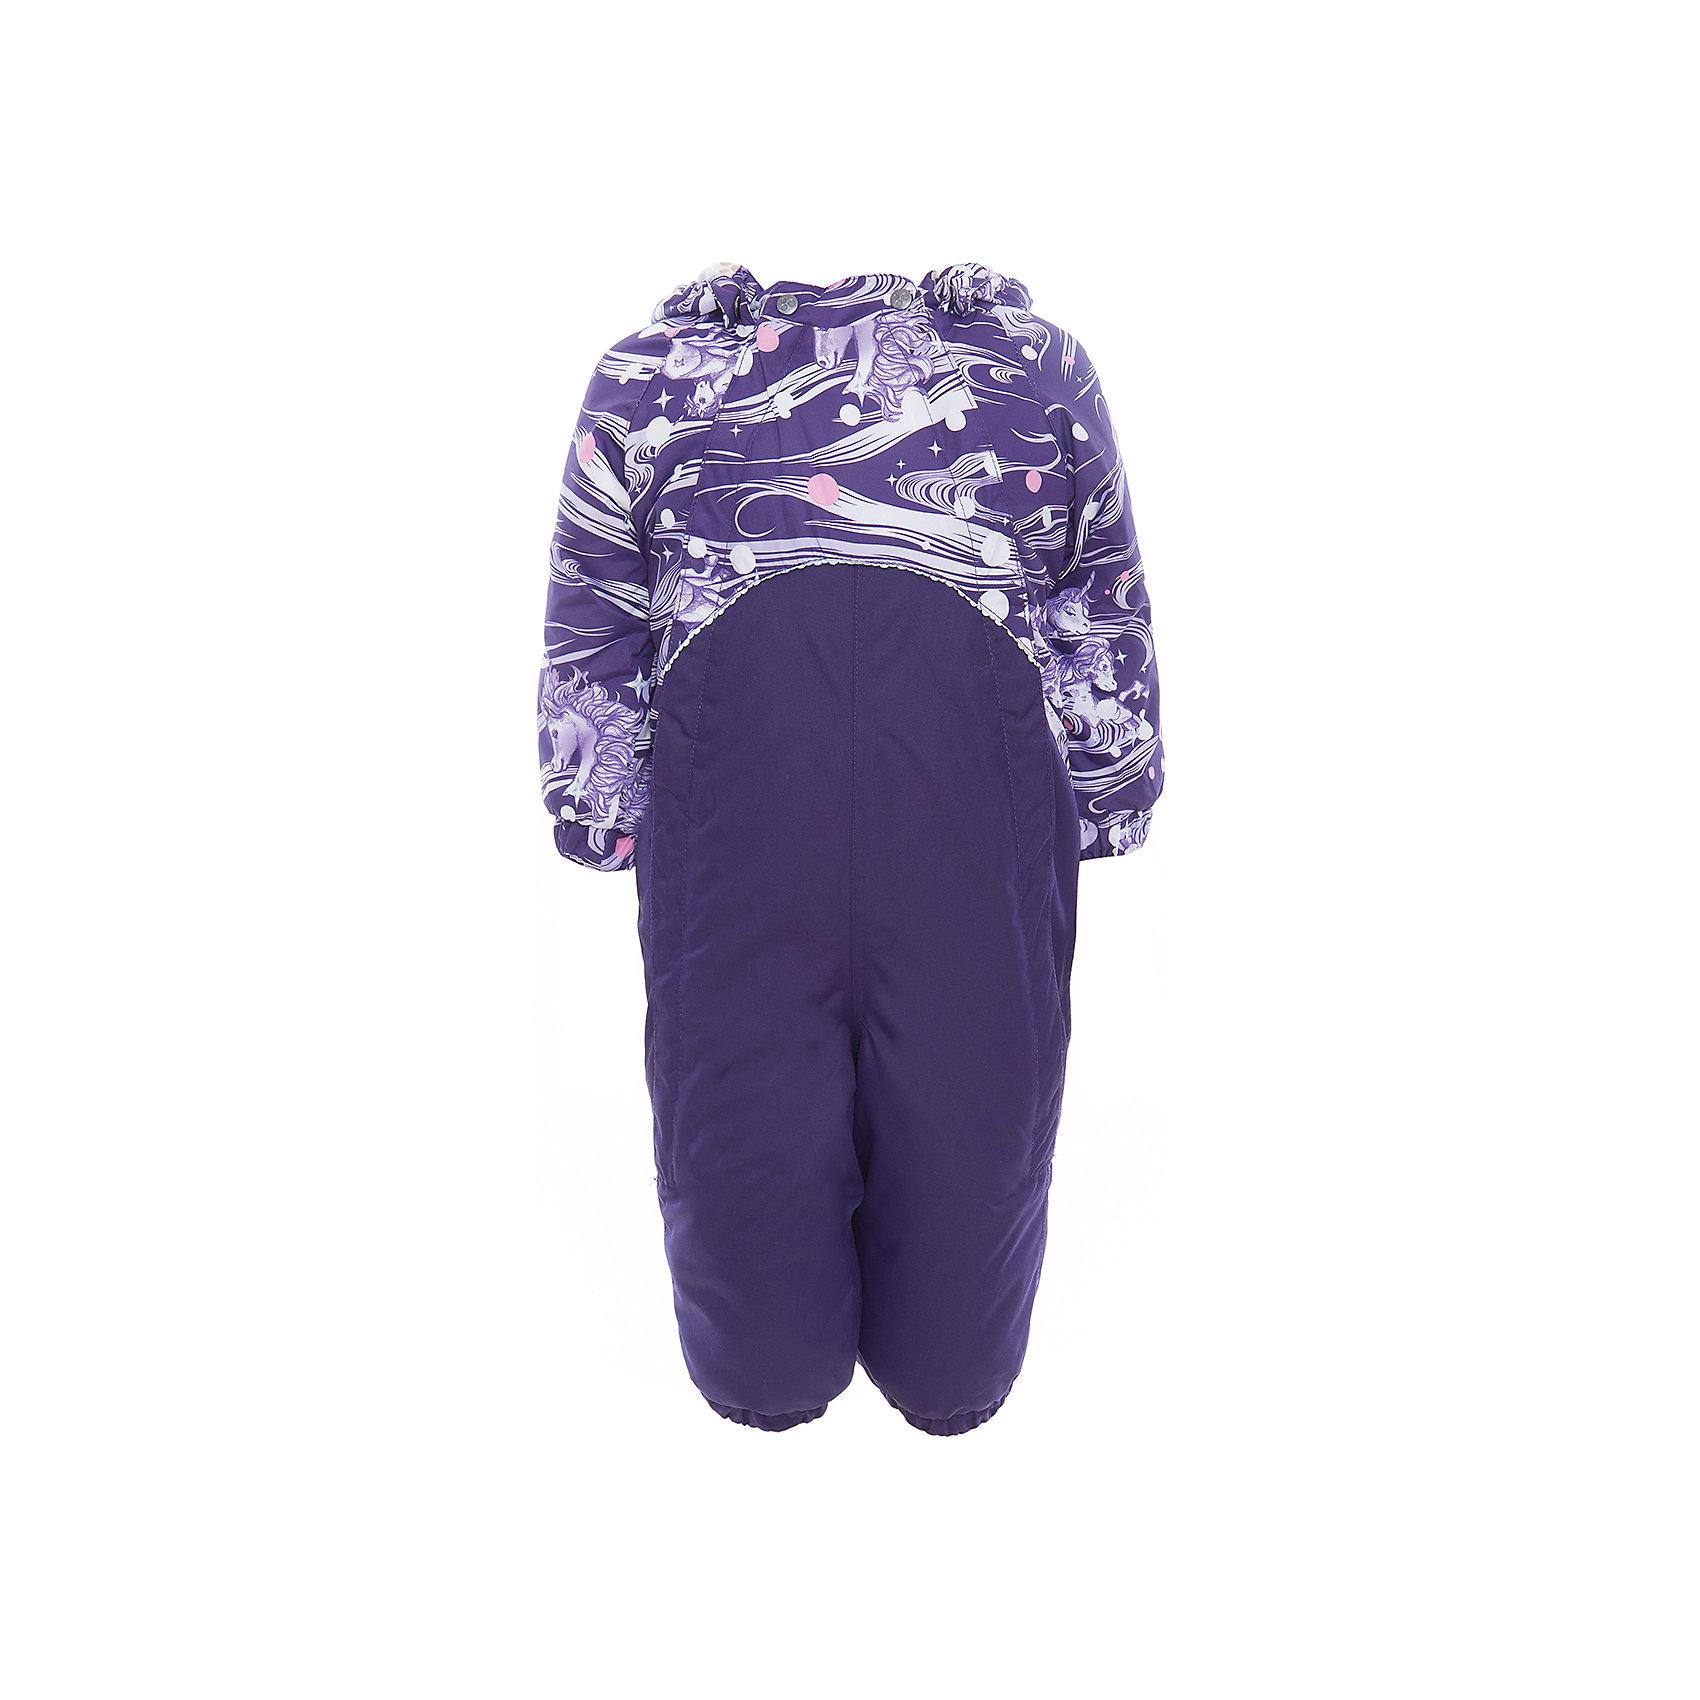 Комбинезон GOLDEN для девочки HuppaВерхняя одежда<br>Характеристики товара:<br><br>• цвет: тёмно-фиолетовый принт<br>• ткань: 100% полиэстер<br>• подкладка: фланель - 100% хлопок<br>• утеплитель: 100% полиэстер 100 г<br>• температурный режим: от -5°С до +10°С<br>• водонепроницаемость: верх - 5000 мм, низ - 10000 мм<br>• воздухопроницаемость: верх - 5000 мм, низ - 10000 мм<br>• светоотражающие детали<br>• мягкая подкладка<br>• шов сидения и боковые швы проклеены<br>• съёмный капюшон с резинкой<br>• манжеты рукавов с резинкой<br>• манжеты с отворотом у размеров 62-80<br>• манжеты брюк с резинкой<br>• съёмные эластичные штрипки<br>• без внутренних швов<br>• коллекция: весна-лето 2017<br>• страна бренда: Эстония<br><br>Этот удобный комбинезон обеспечит детям тепло и комфорт. Он сделан из материала, отталкивающего воду, и дополнен подкладкой с утеплителем, поэтому изделие идеально подходит для межсезонья. Материал изделия - с мембранной технологией: защищая от влаги и ветра, он легко выводит лишнюю влагу наружу. Комбинезон очень симпатично смотрится. <br><br>Одежда и обувь от популярного эстонского бренда Huppa - отличный вариант одеть ребенка можно и комфортно. Вещи, выпускаемые компанией, качественные, продуманные и очень удобные. Для производства изделий используются только безопасные для детей материалы. Продукция от Huppa порадует и детей, и их родителей!<br><br>Комбинезон GOLDEN от бренда Huppa (Хуппа) можно купить в нашем интернет-магазине.<br><br>Ширина мм: 356<br>Глубина мм: 10<br>Высота мм: 245<br>Вес г: 519<br>Цвет: розовый<br>Возраст от месяцев: 24<br>Возраст до месяцев: 36<br>Пол: Женский<br>Возраст: Детский<br>Размер: 98,74,80,86,92<br>SKU: 5346494